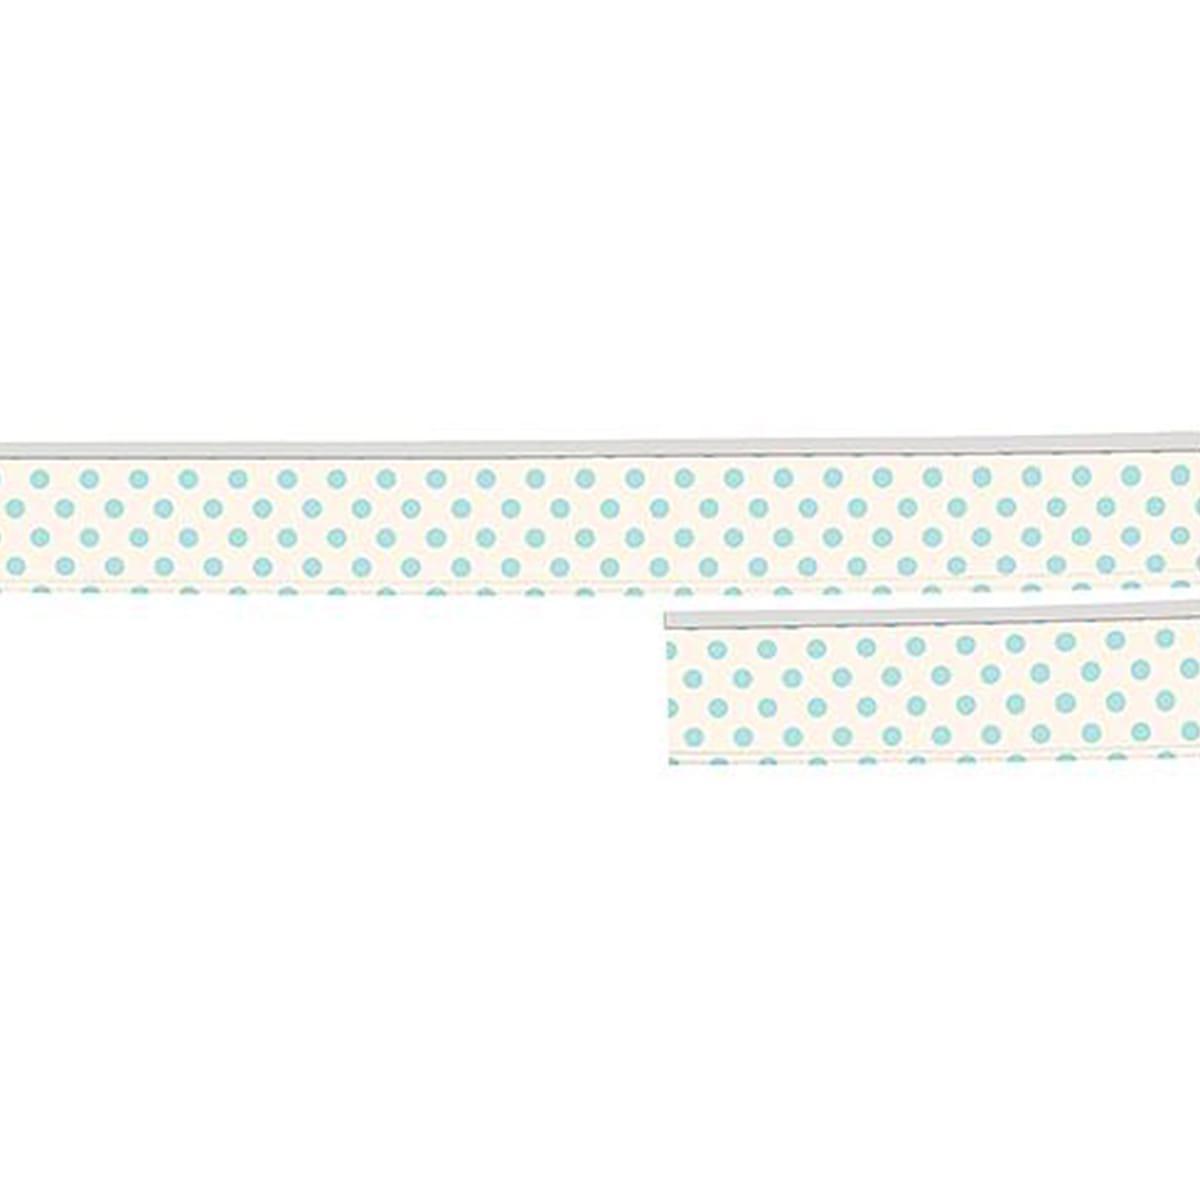 Vorhangverlängerungen für halbhohe Betten FOREST Flexa